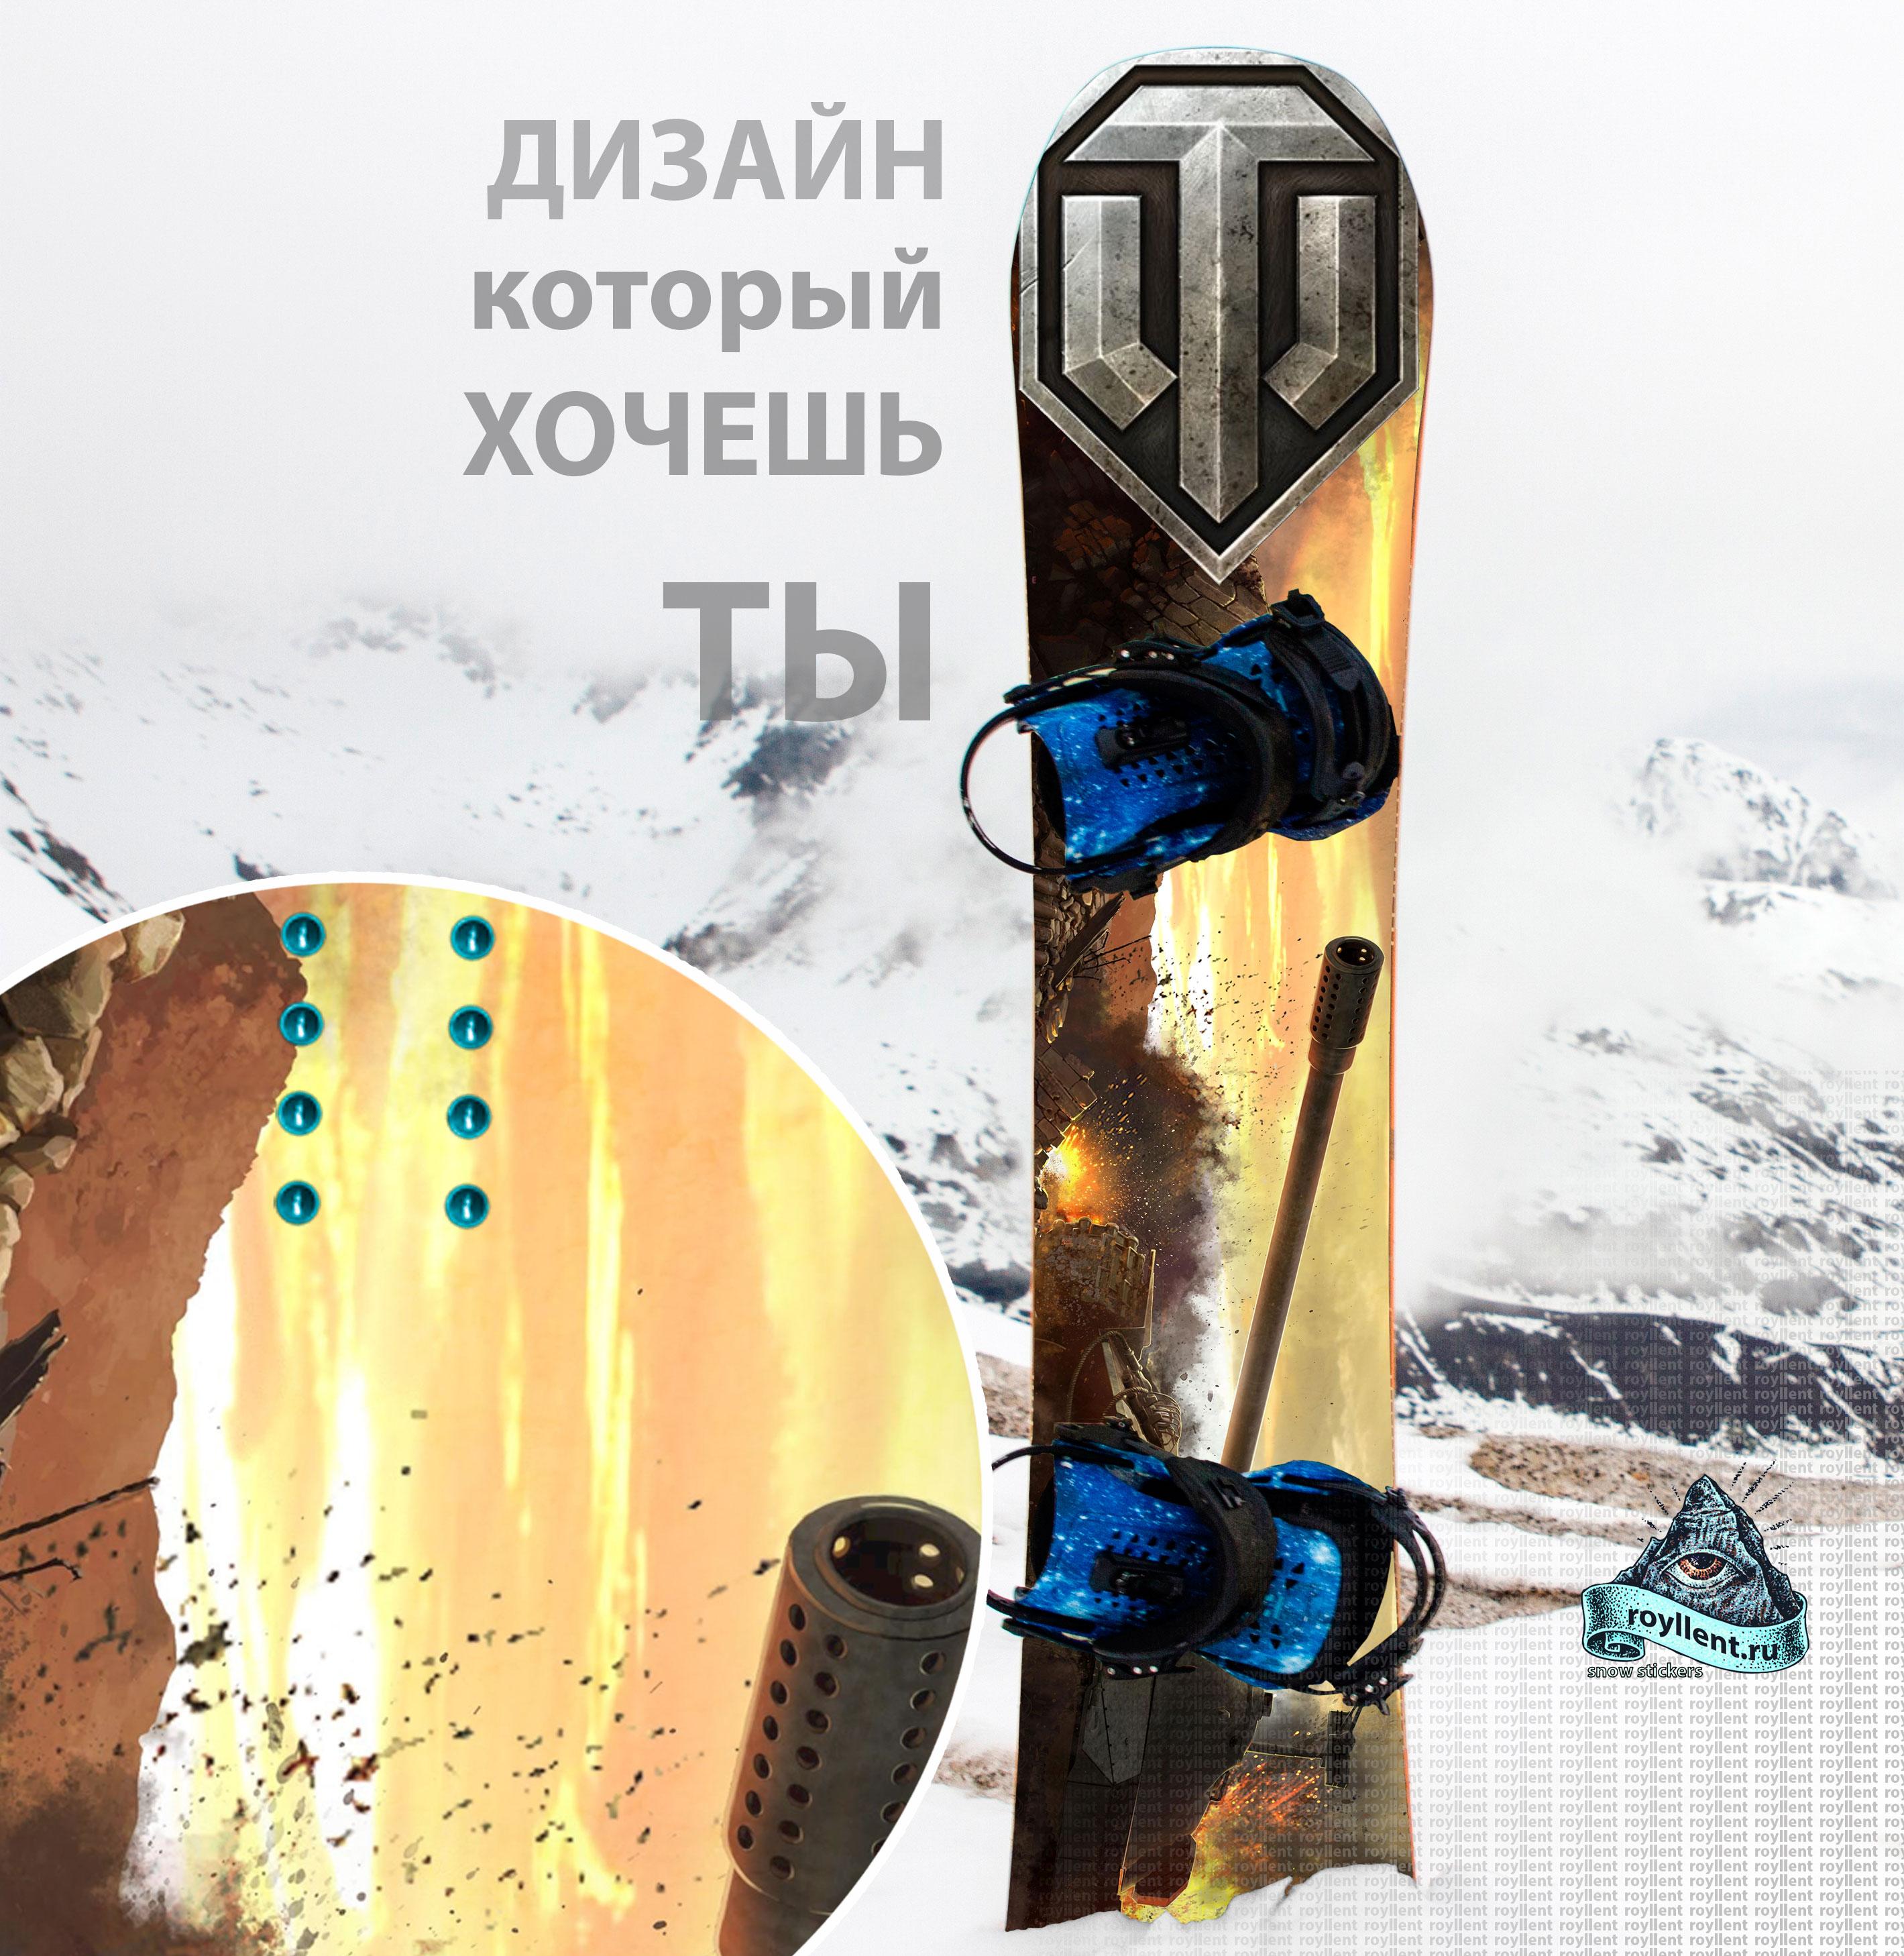 Виниловая наклейка на сноуборд Royllent 2017 Word of Tanks купить